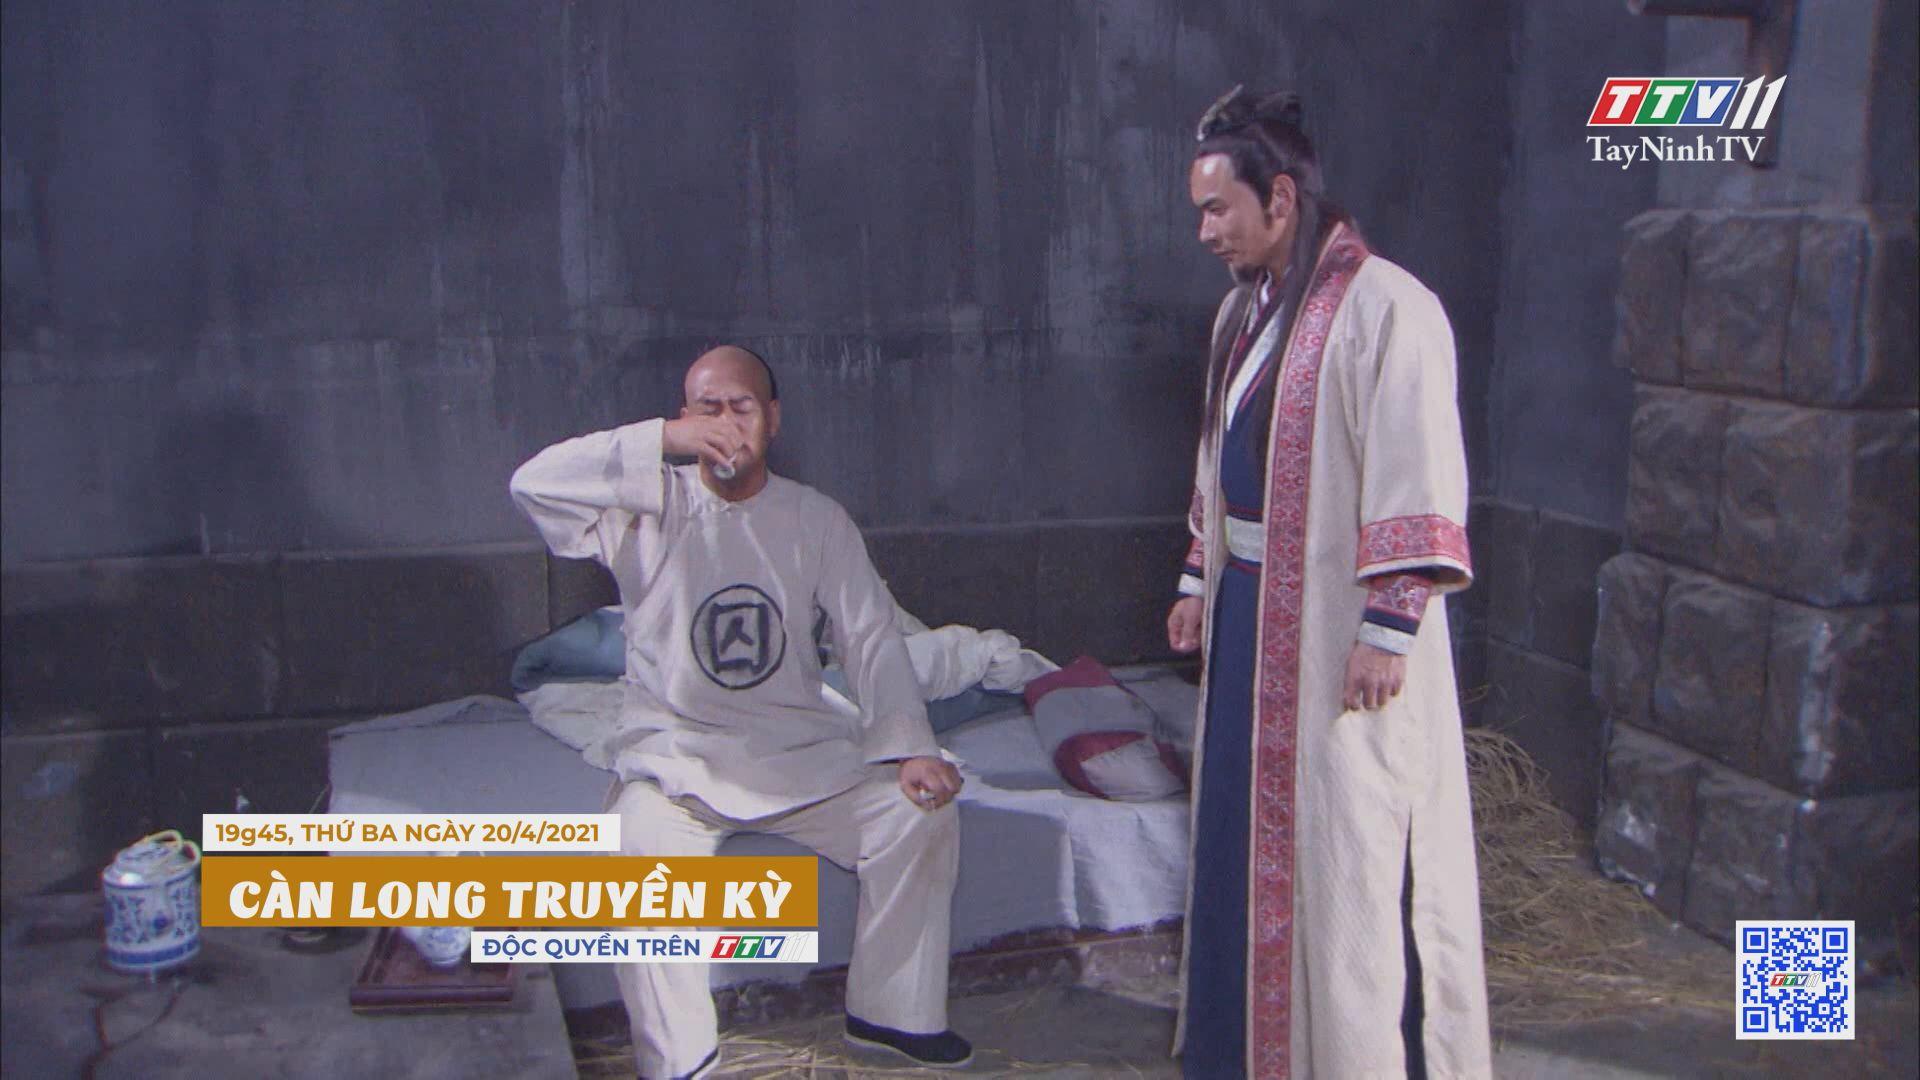 Càn Long truyền kỳ-Trailer tập 3 | PHIM CÀN LONG TRUYỀN KỲ | TayNinhTVE